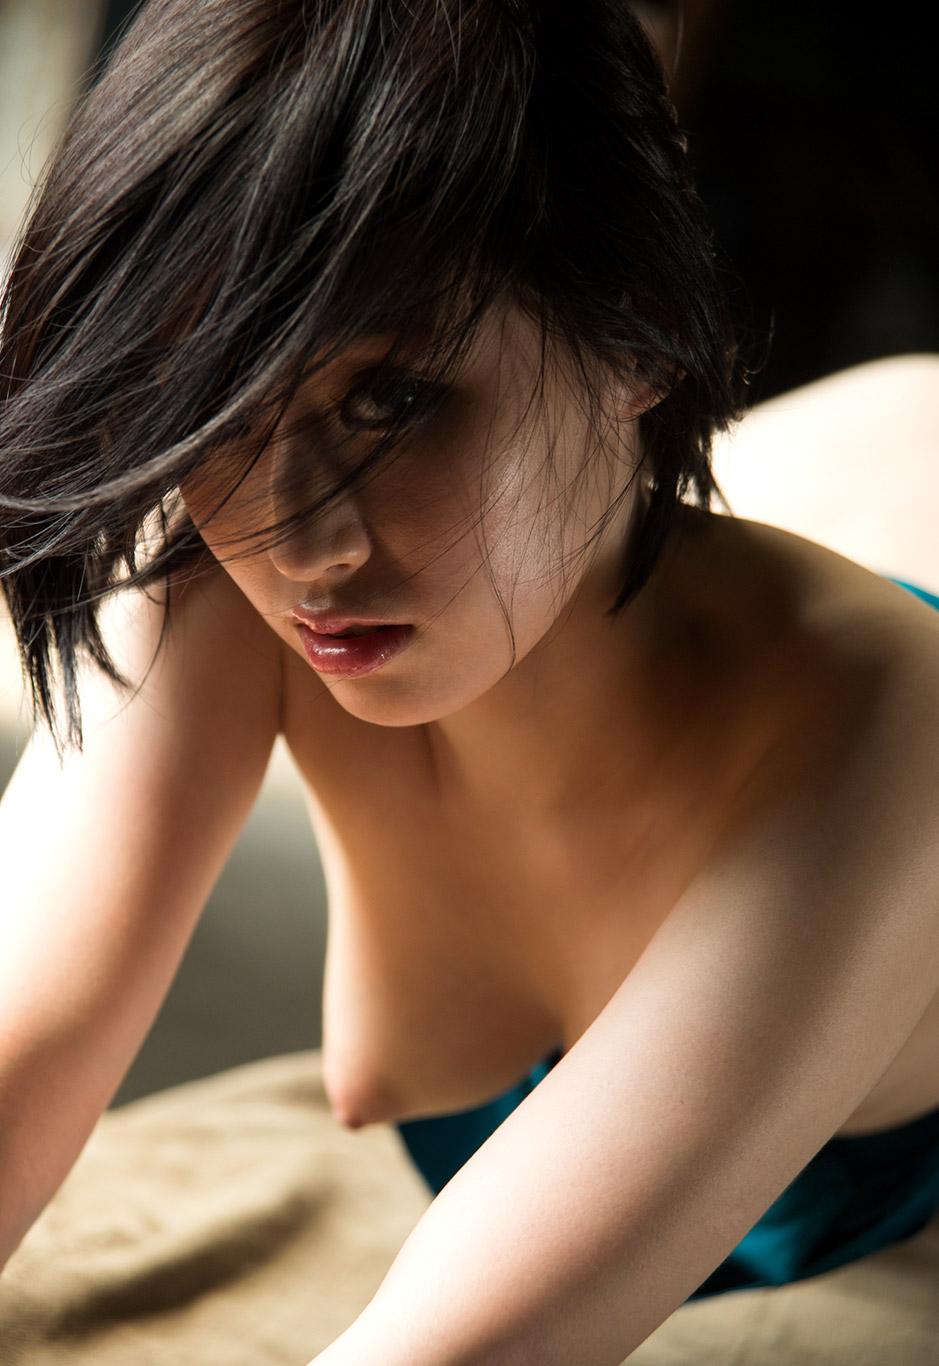 sana imanaga sexy naked pics 04